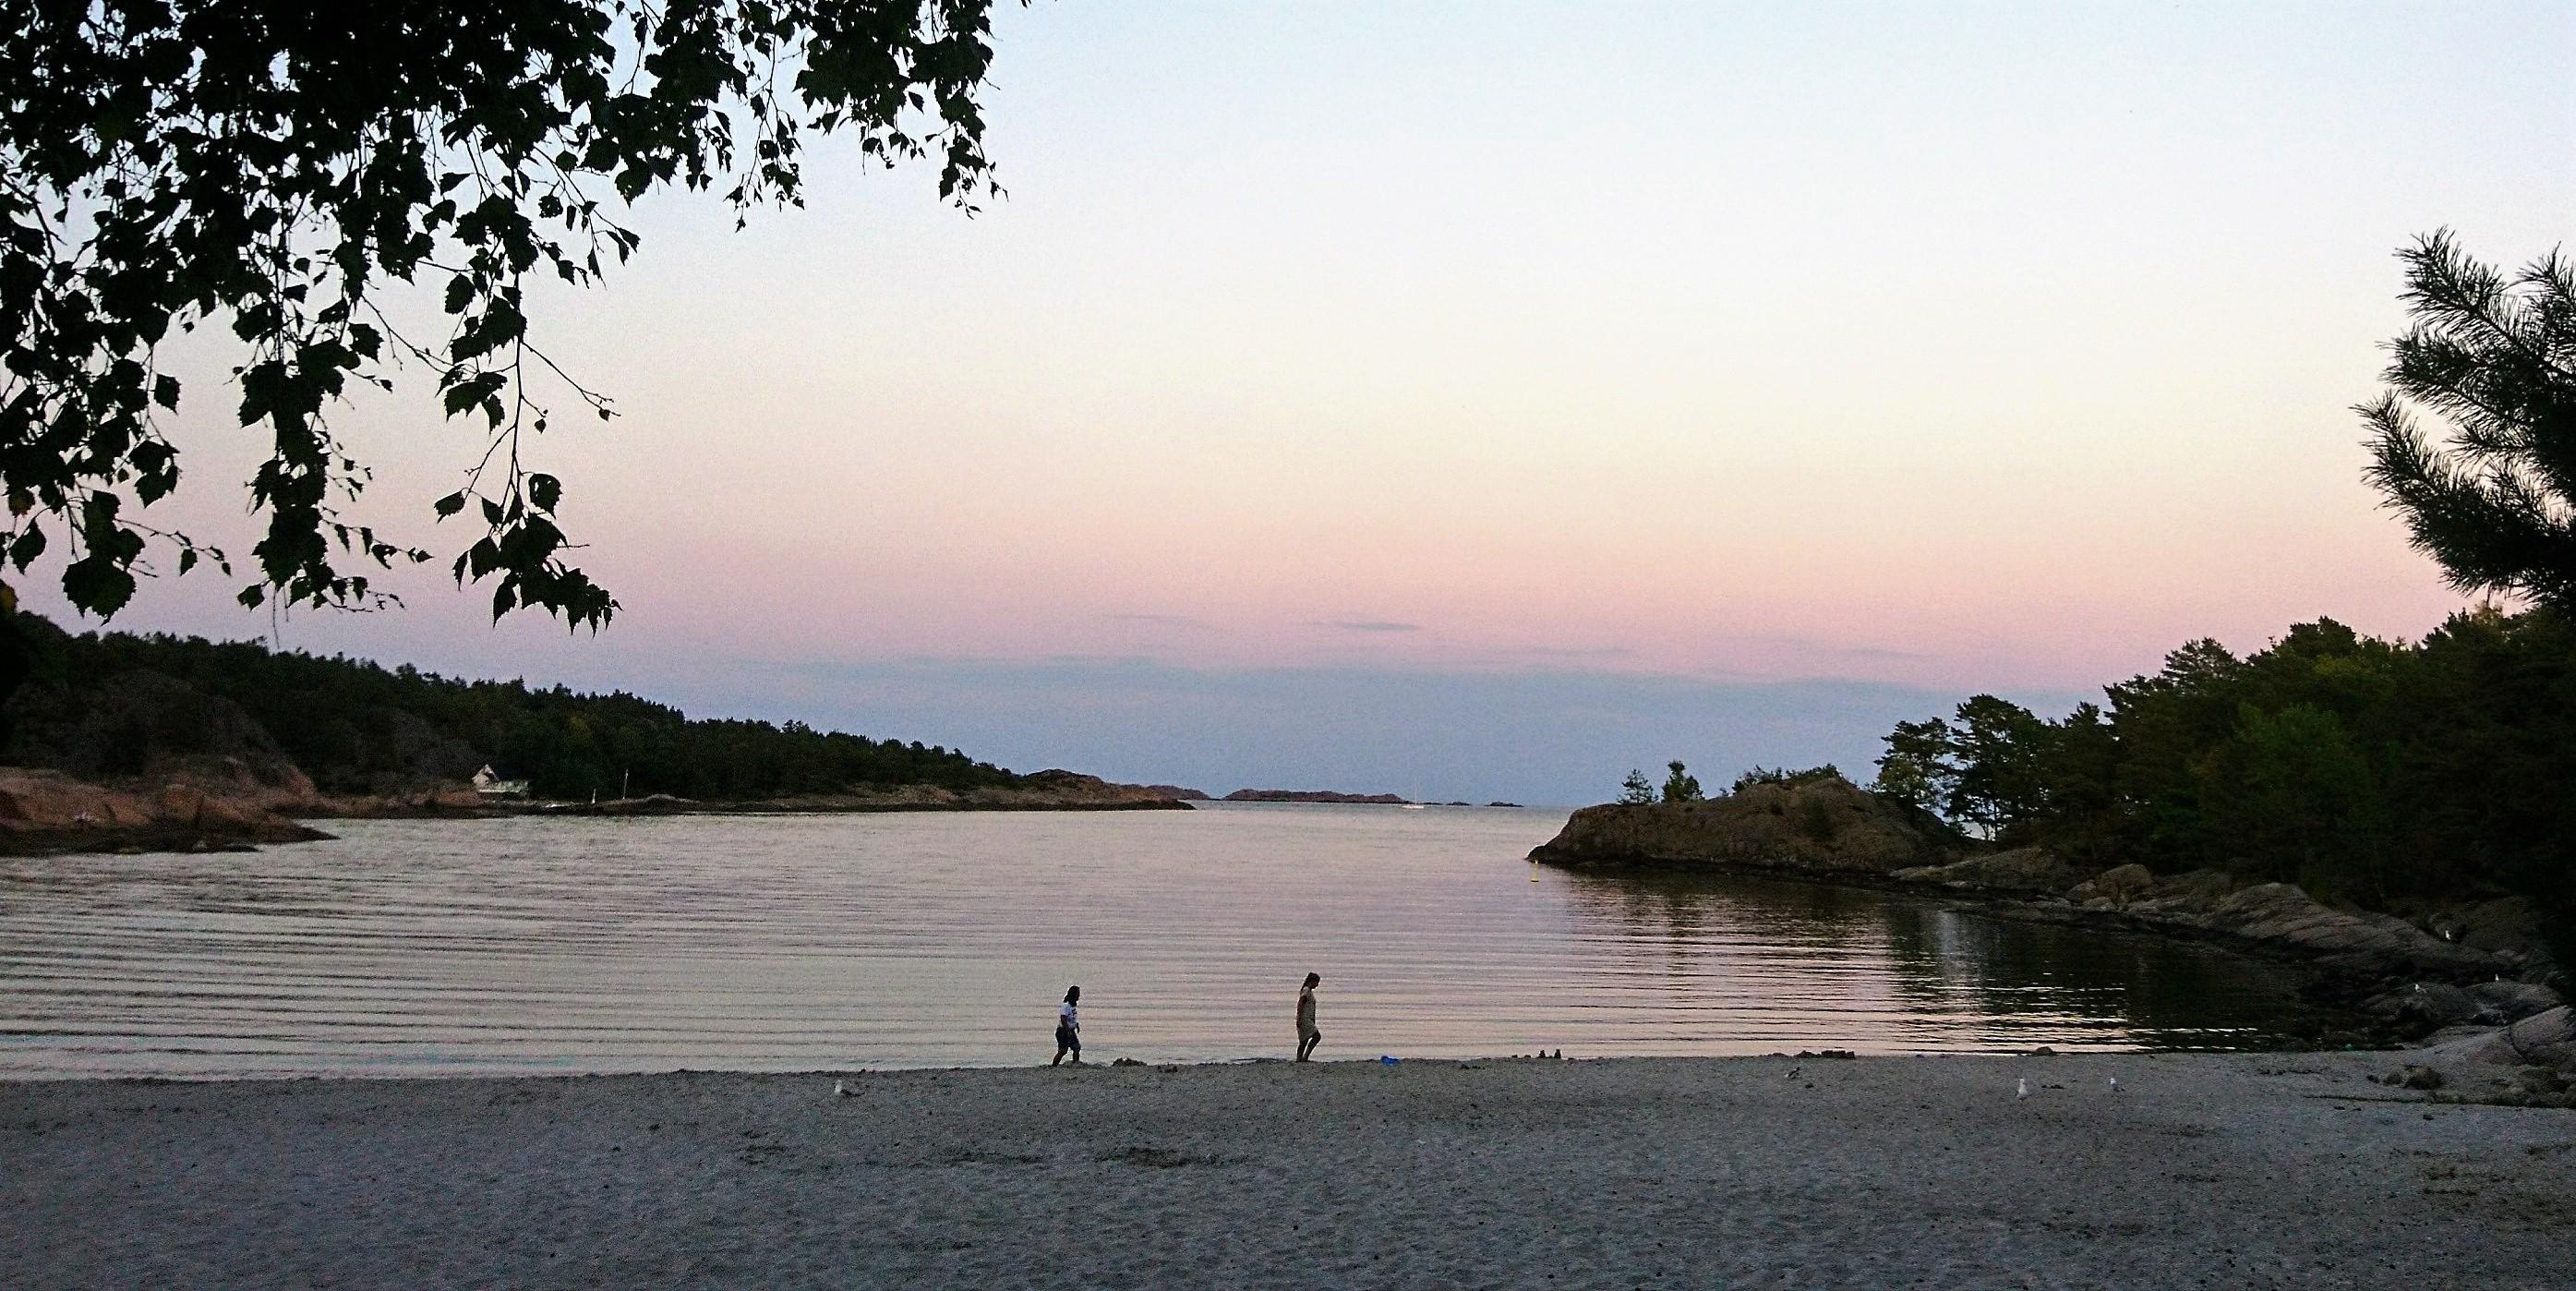 acdb4f1e Storesand må være en av de fineste strendene i Norge. Her finner du  finkornet, hvit sand, omkranset av svaberg og trær.